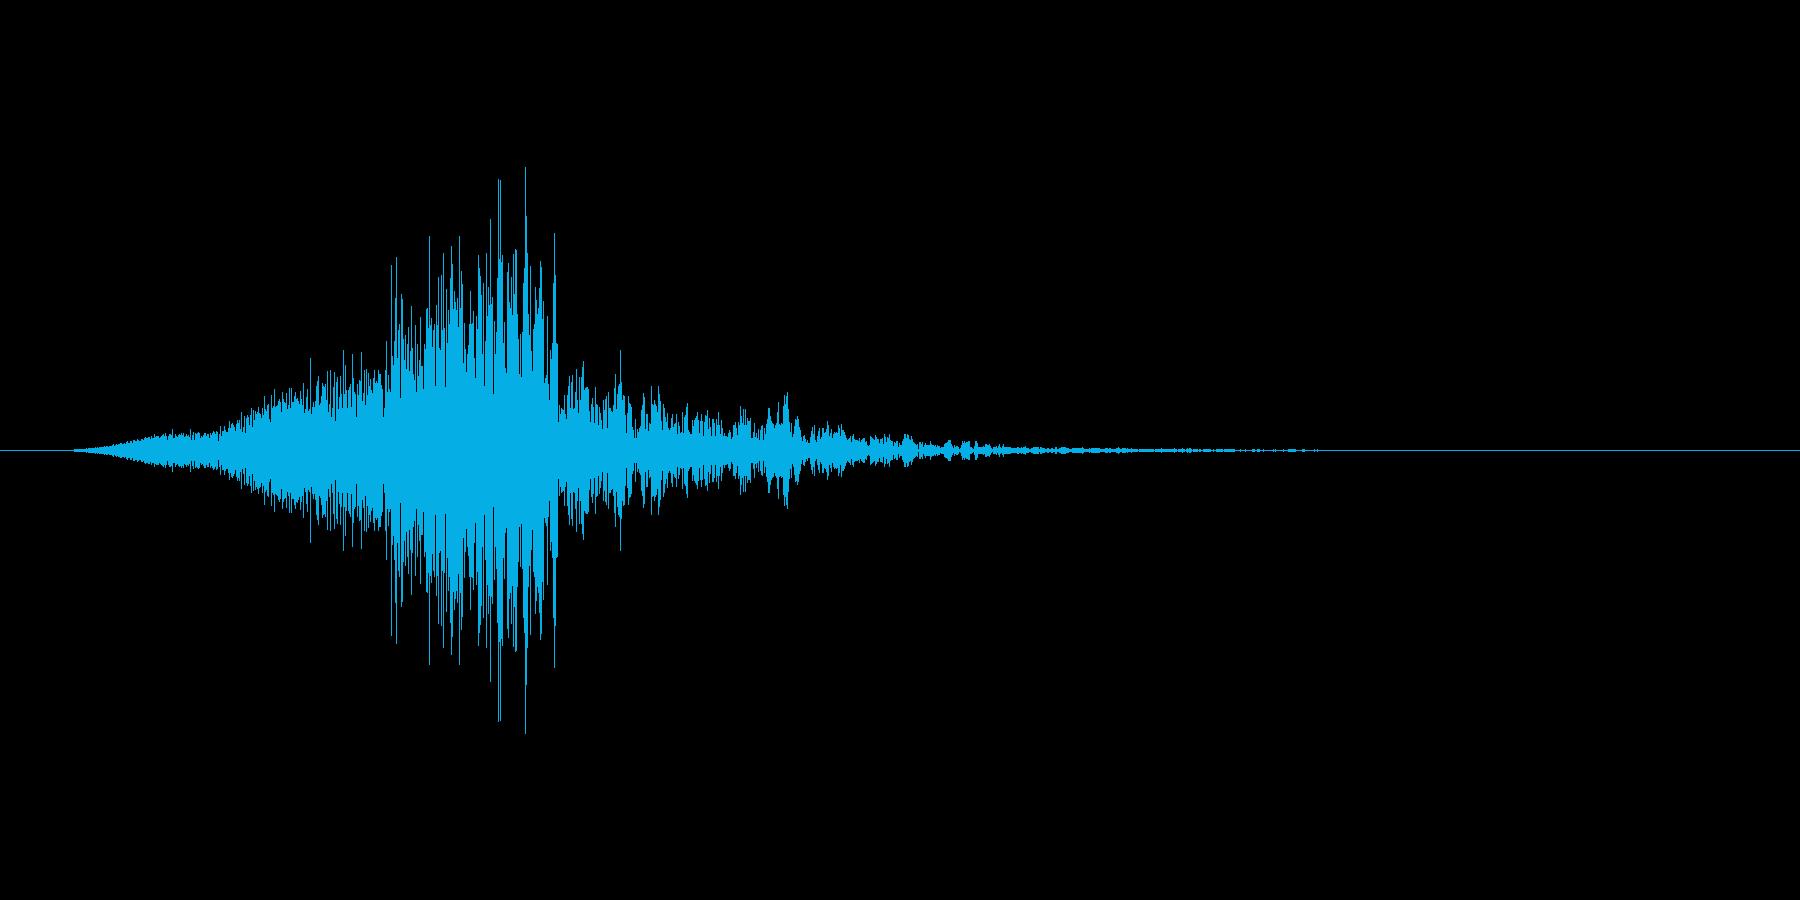 シュン↓(キャンセル音、閉じる、止める)の再生済みの波形